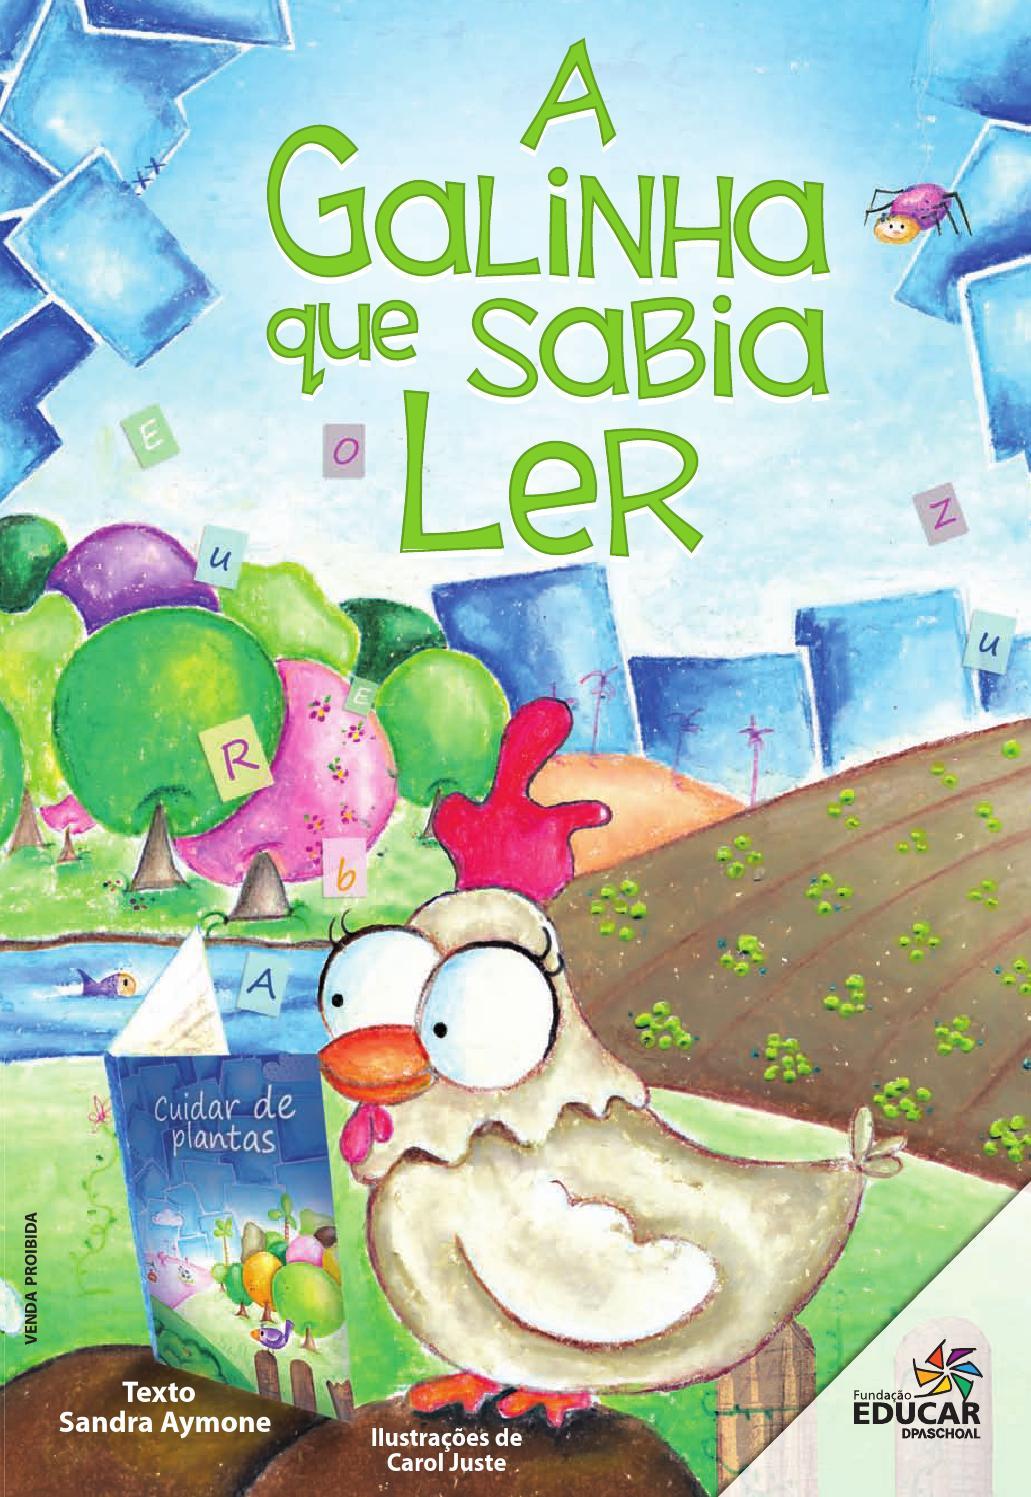 A Galinha Que Sabia Ler by Fundação Educar - issuu